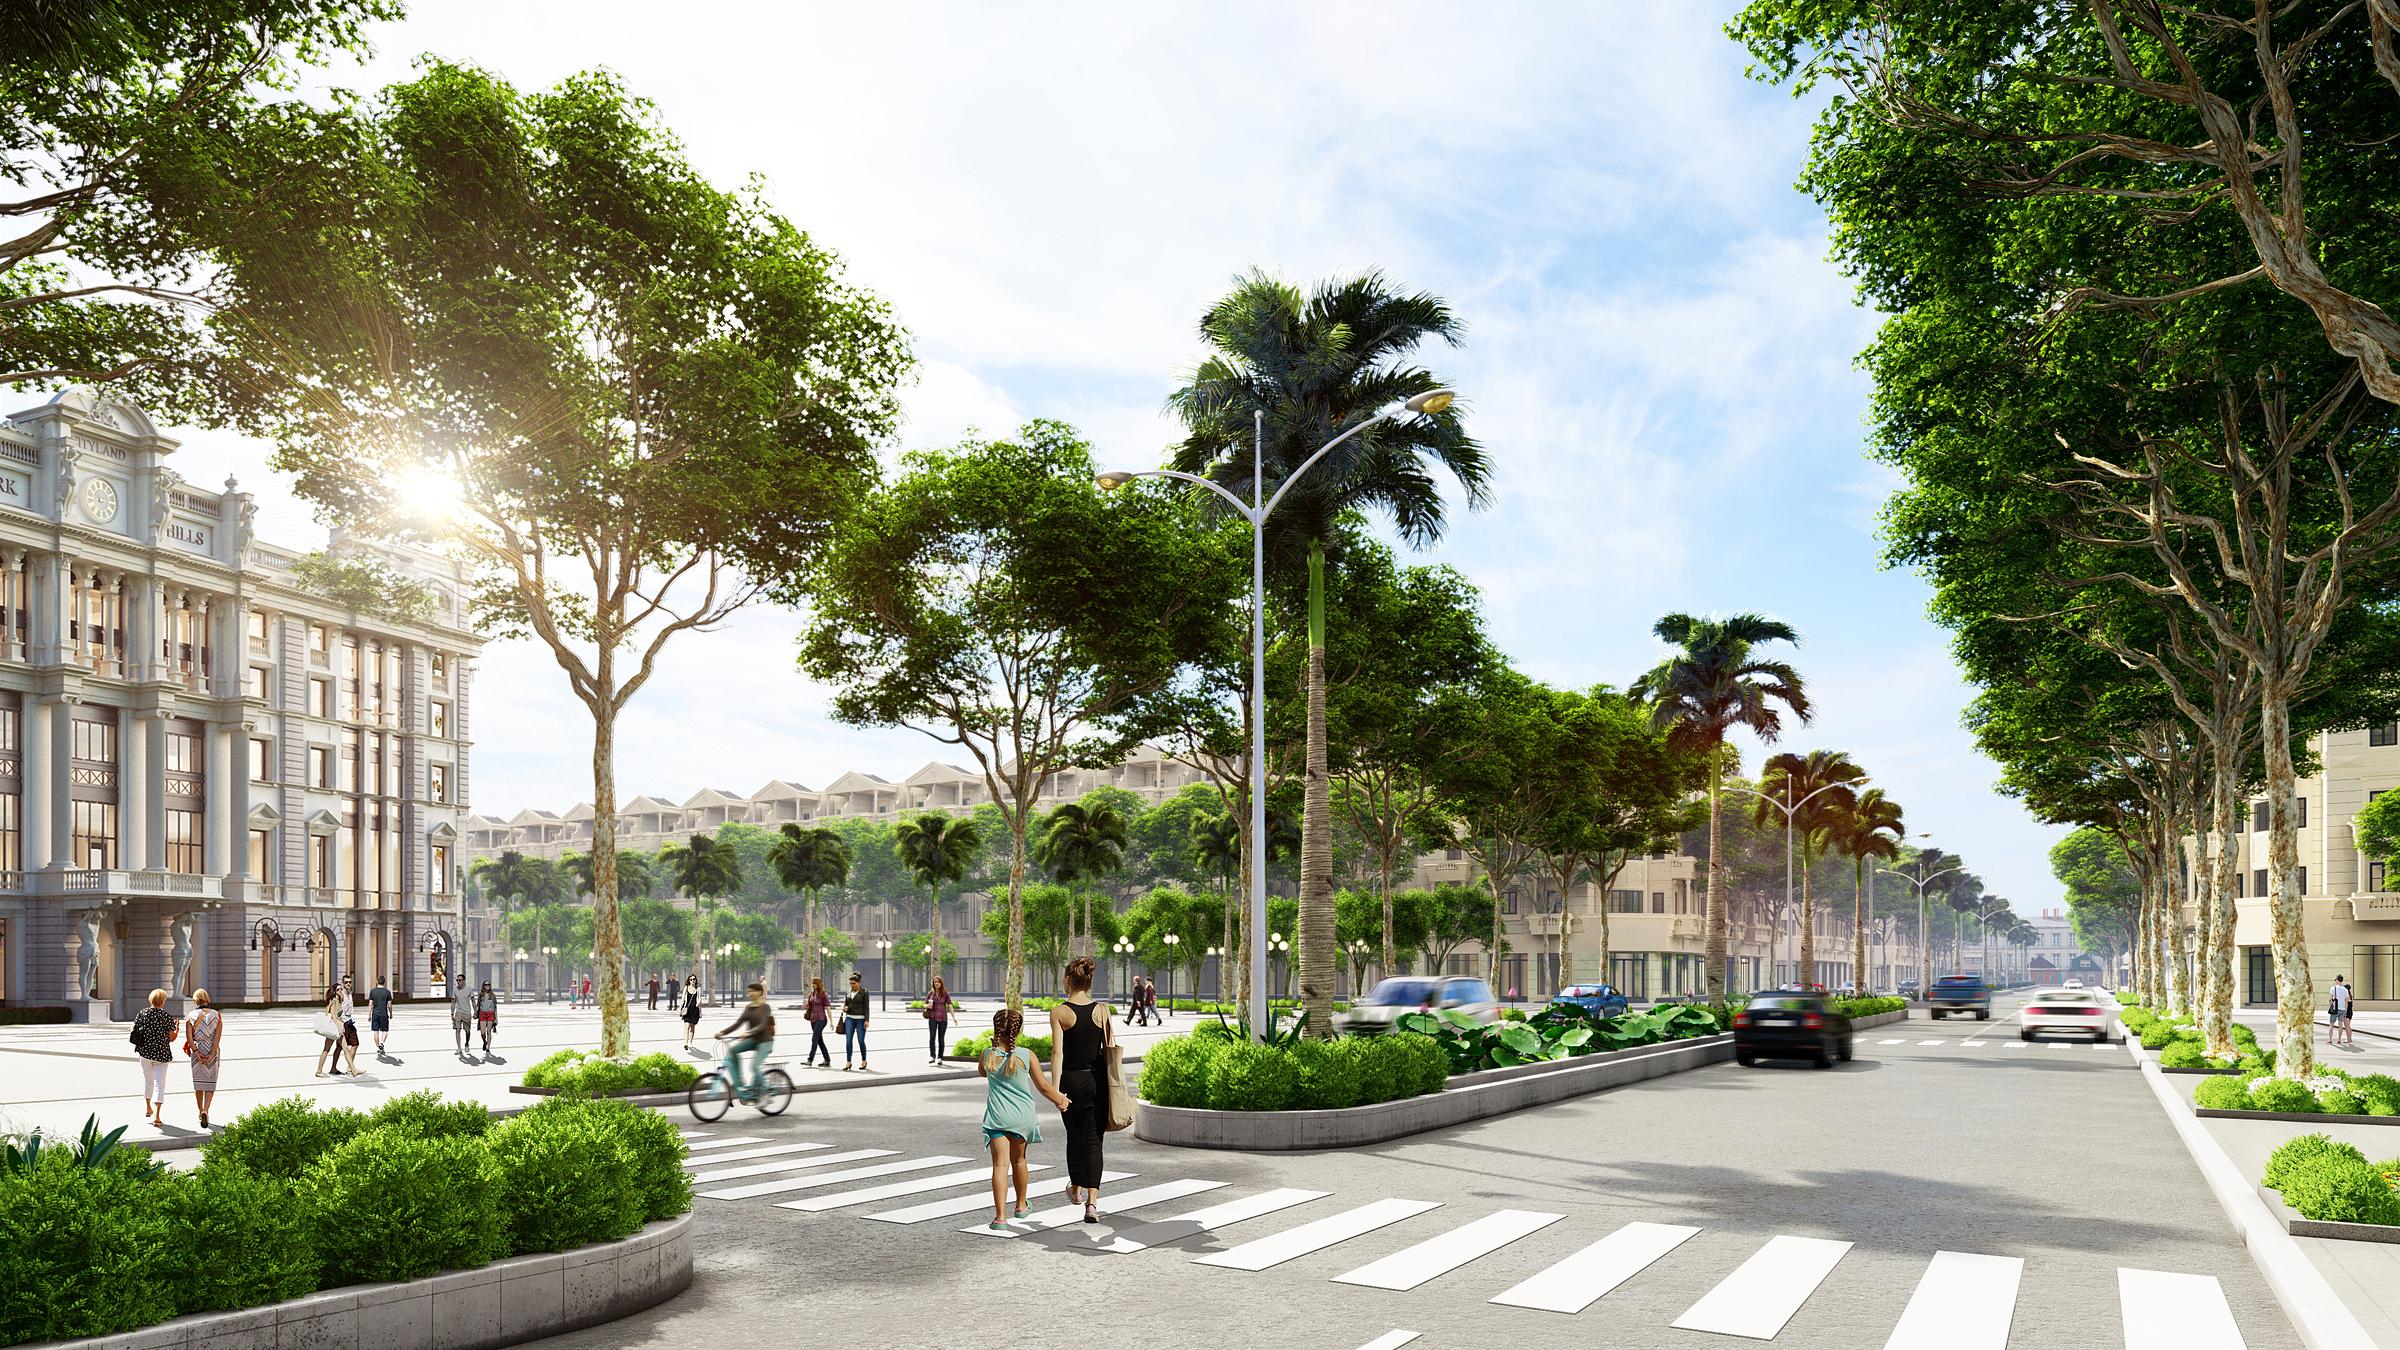 Phối cảnh trục đường trung tâm dự án với các căn nhà phố mặt tiền. Ảnh: CityLand.